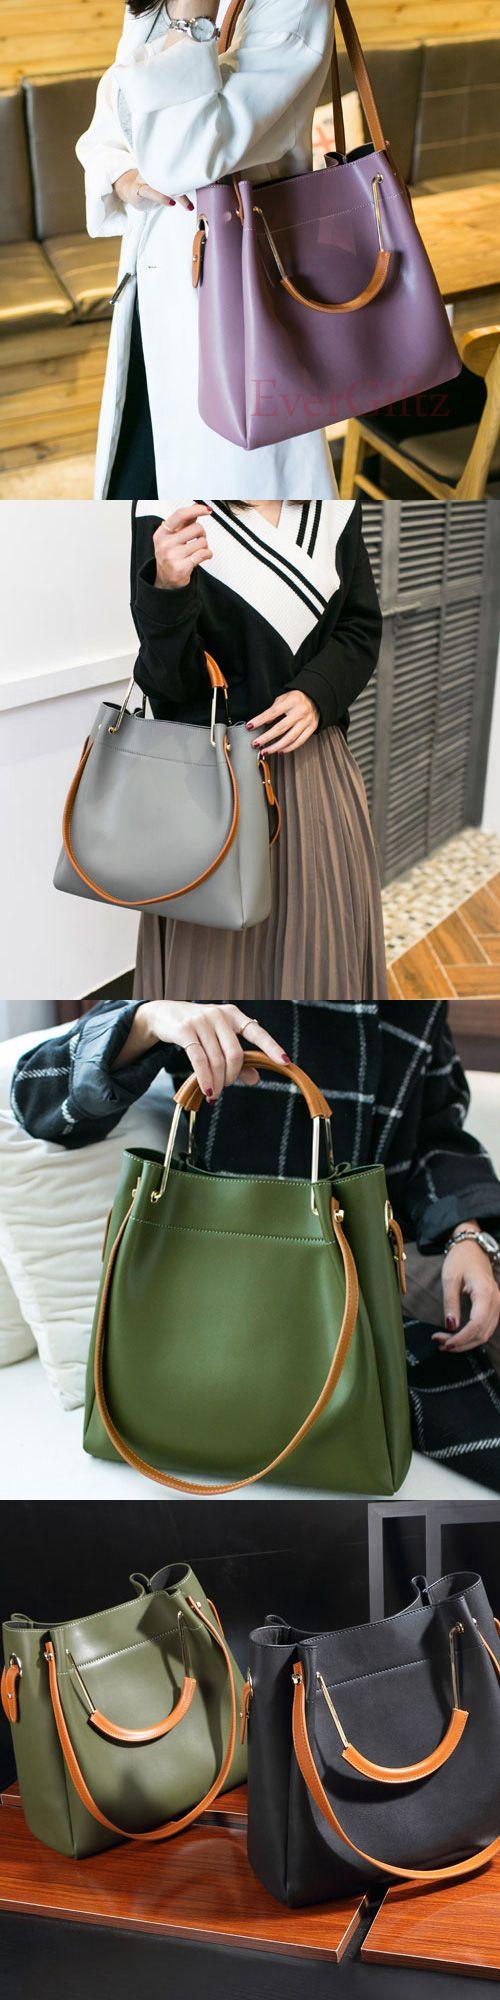 Genuine leather vintage women handbag shoulder bag crossbody bag tote bag